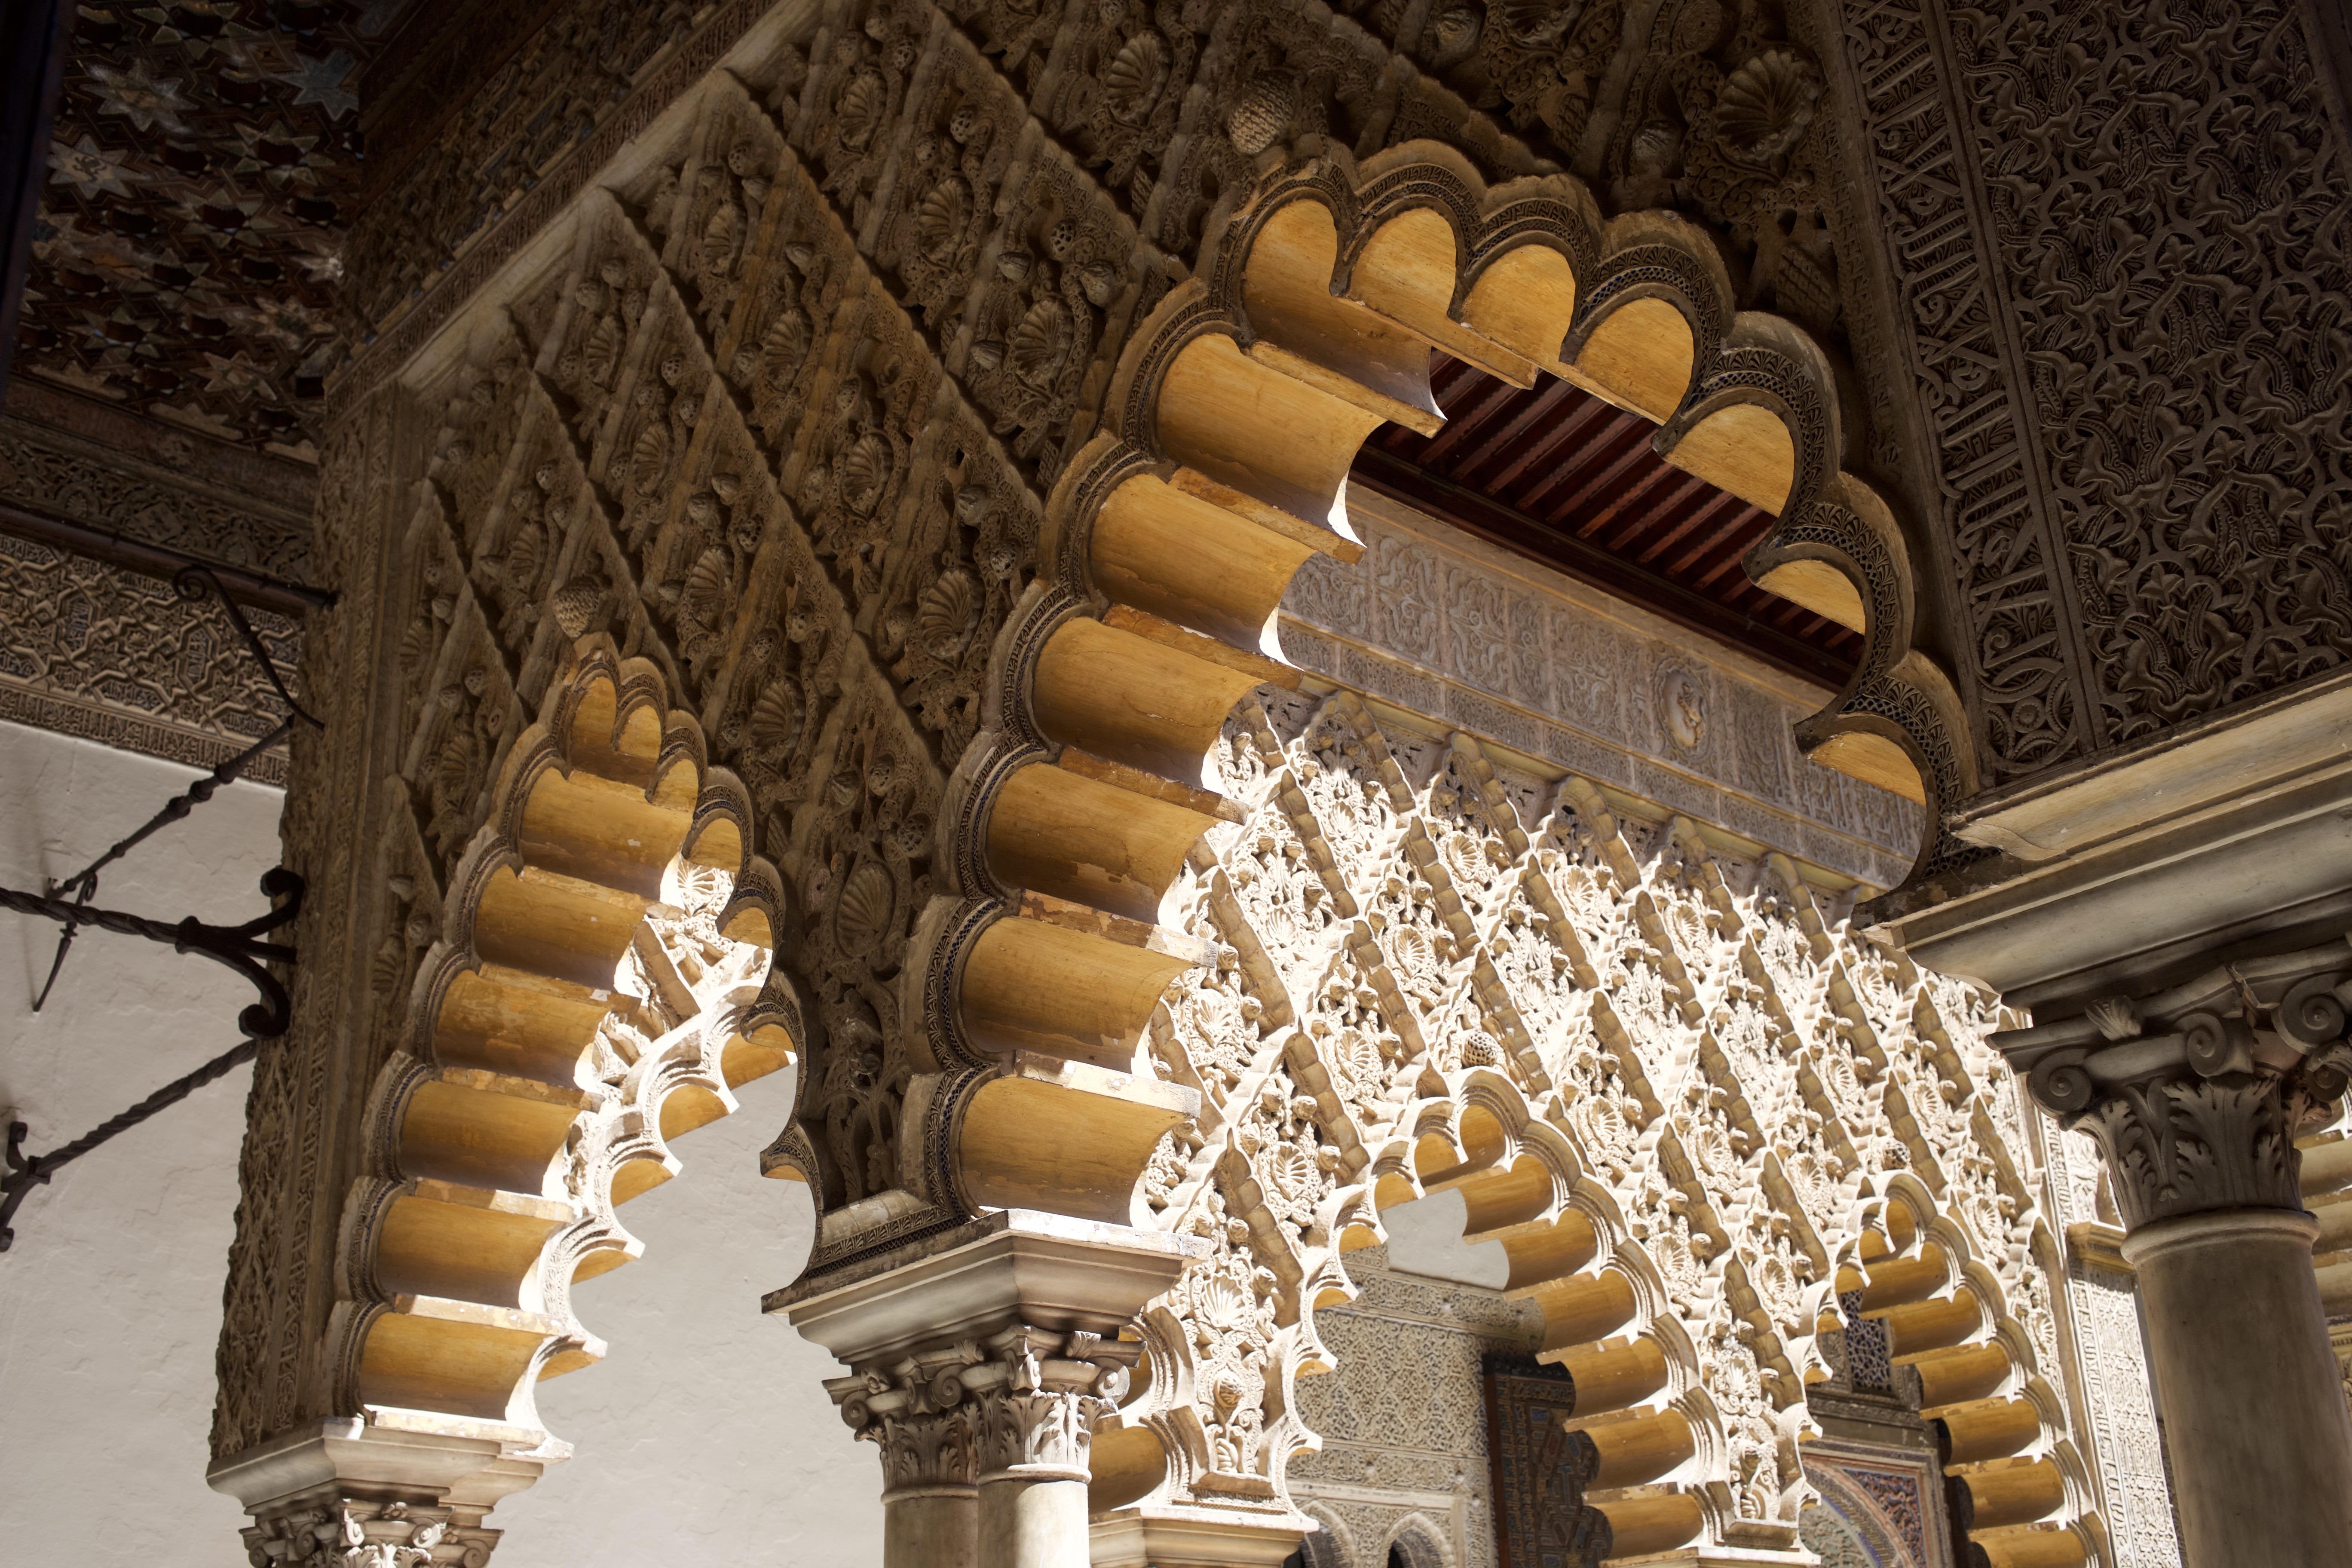 Tipps-Kurztrip-Sevilla-Handgepäck-Guide-Travel-Reiseblog-Reisen_8171